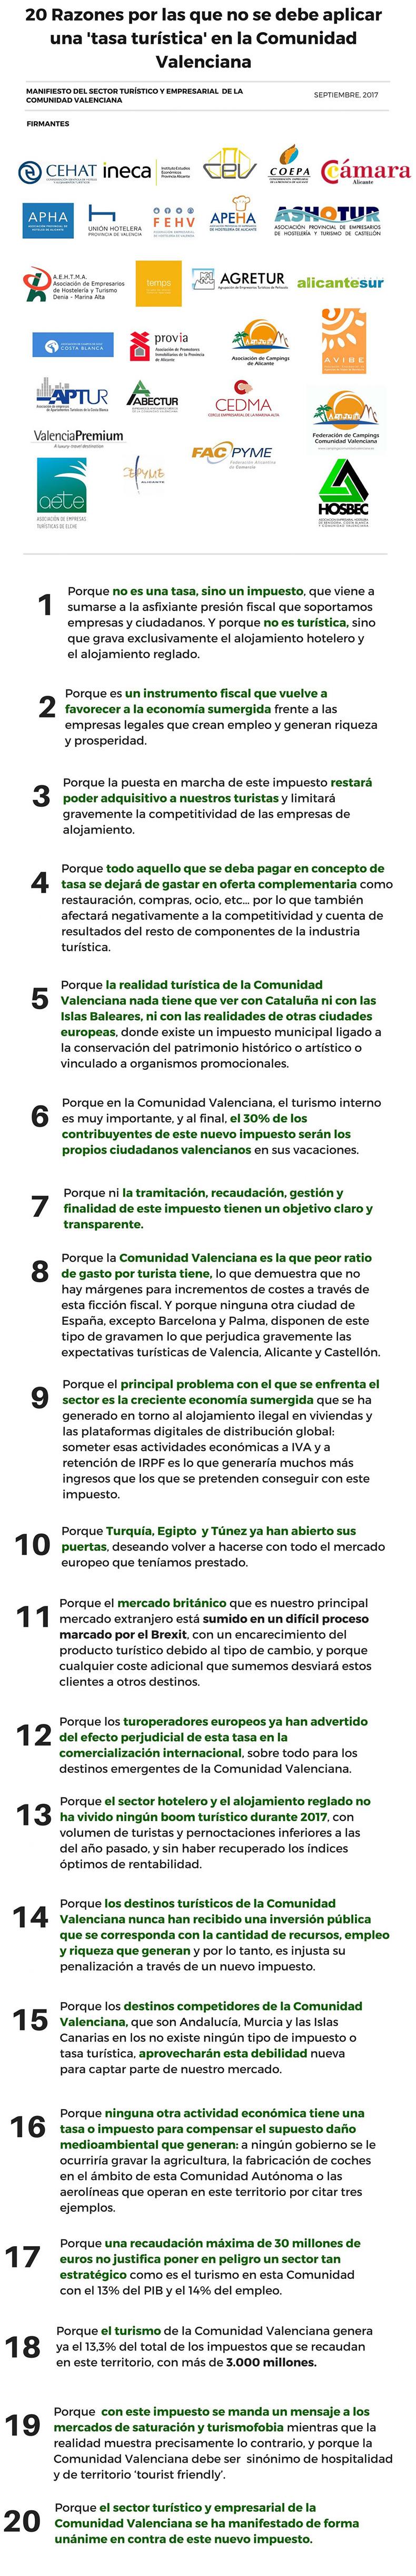 20-razones-no-aplicar-tasa-turistica-comunidad-valenciana